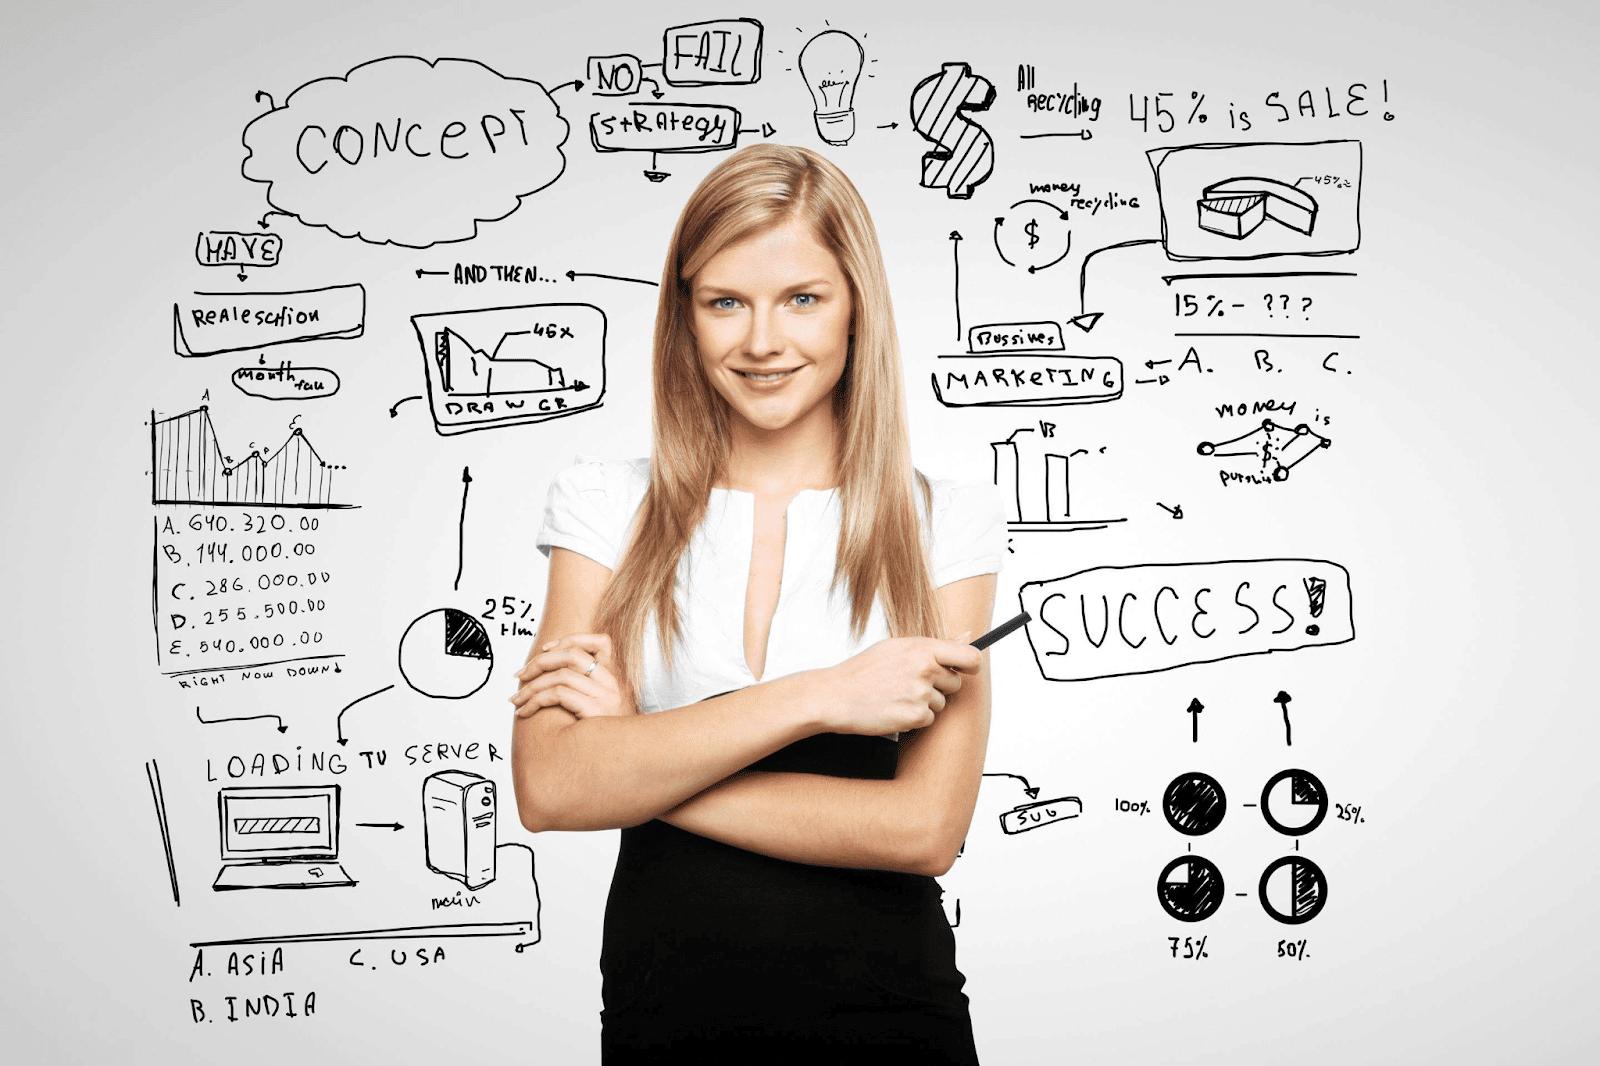 Nhiệm vụ hàng đầu marketing Manager chủ đạo kế hoạch và triển khai việc thực hiện các kế hoạch truyền thông nhằm truyền bá